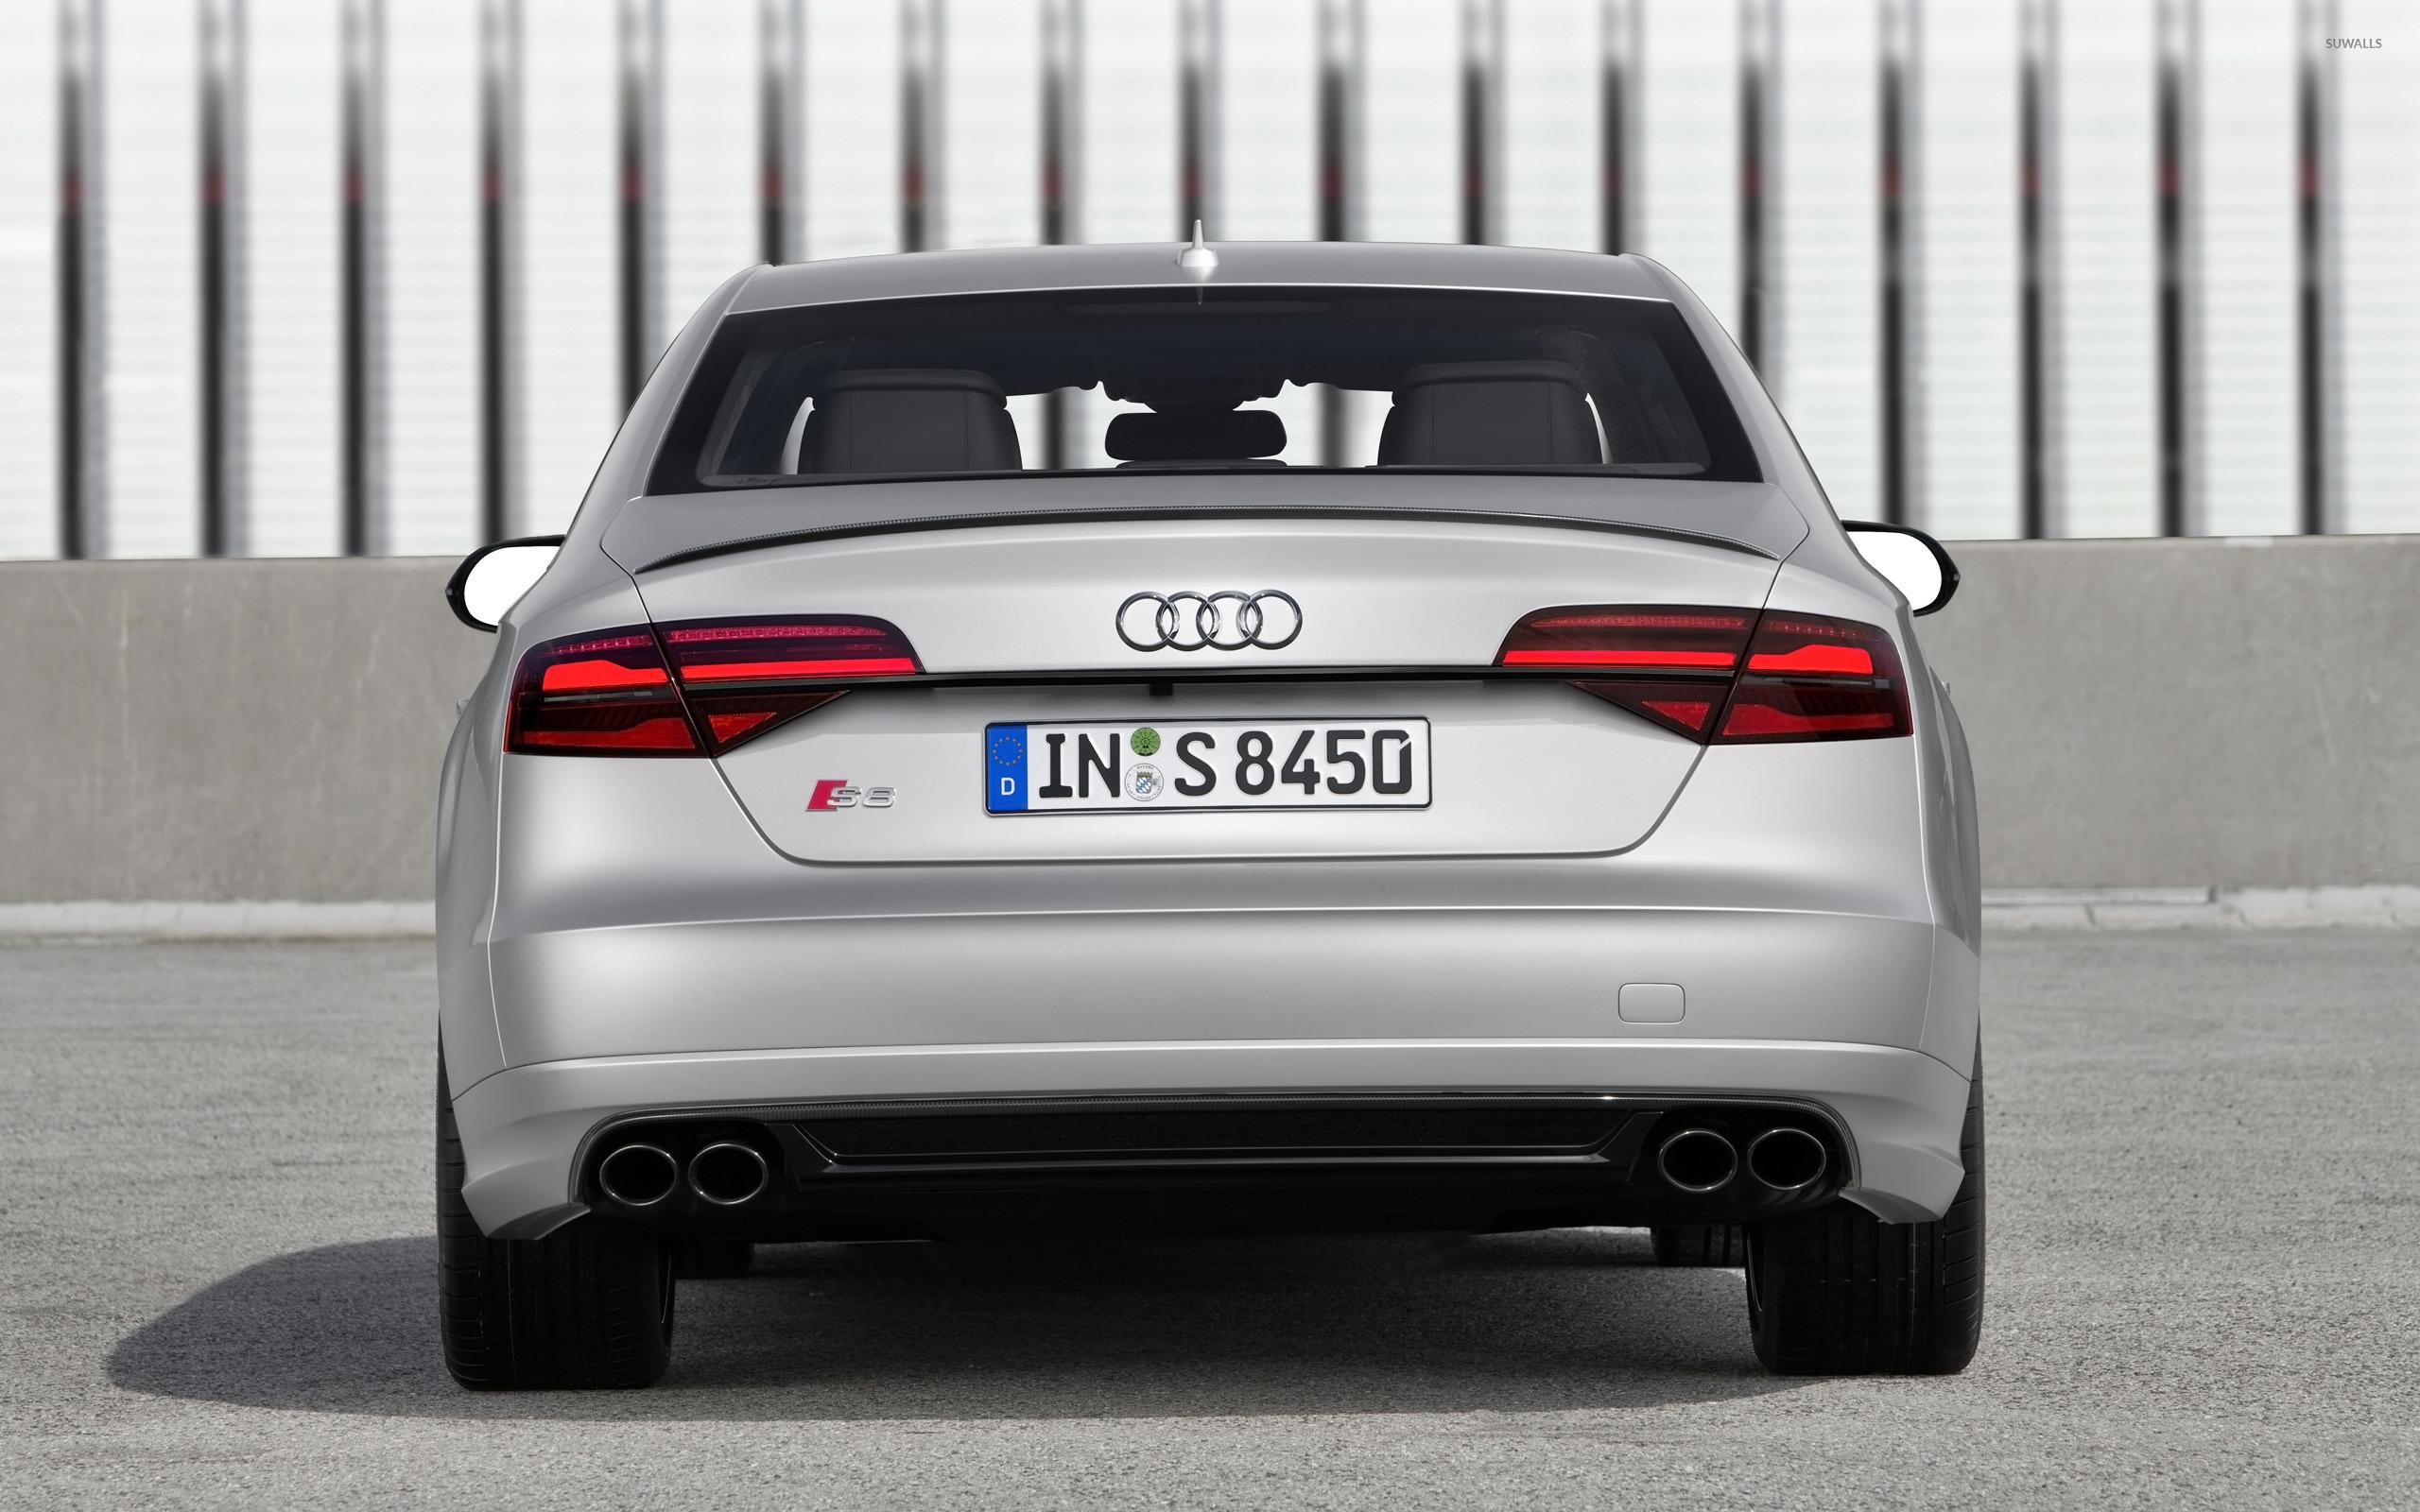 2016 Audi S8 Back View Wallpaper Car Wallpapers 50886